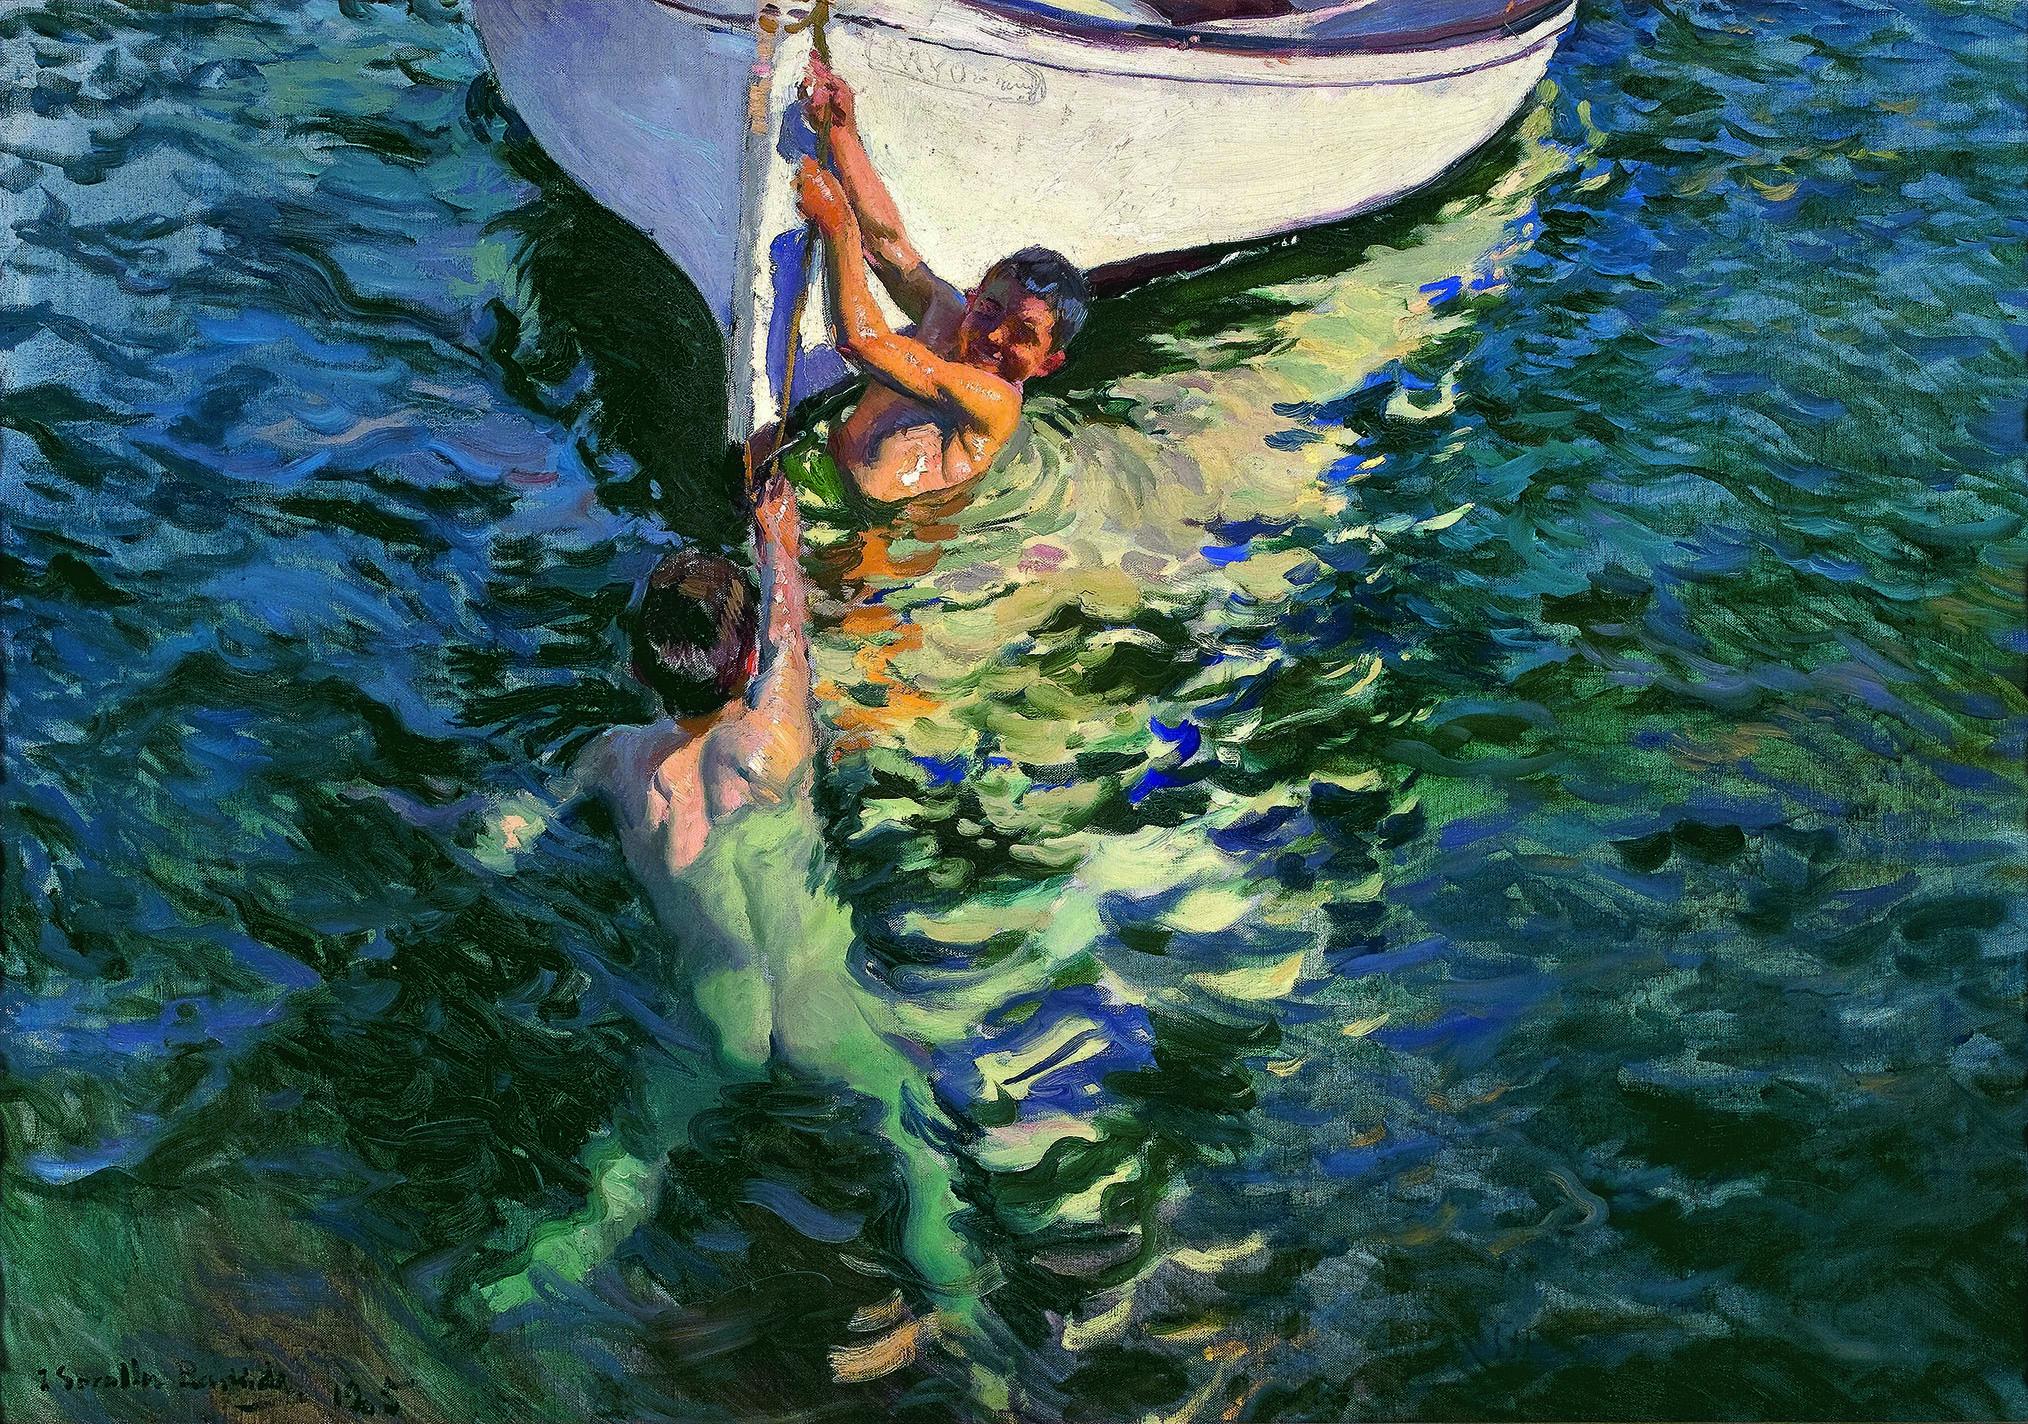 El bote blanco. Jávea. 1905. Óleo sobre lienzo. 105X150cm. Colección particular.